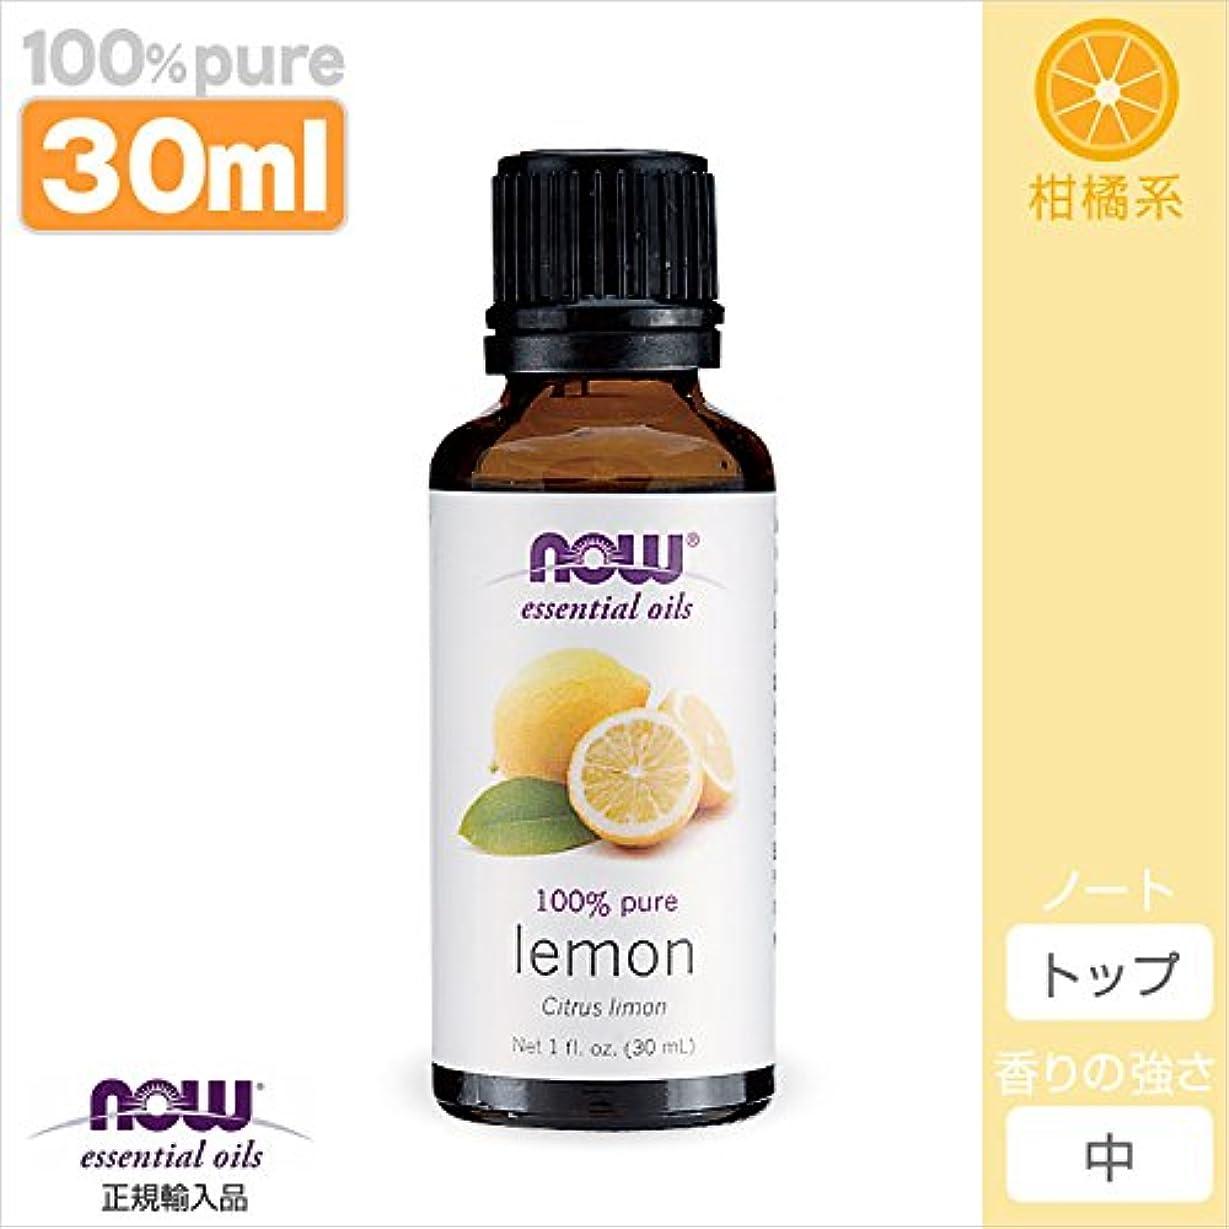 指導する混沌窒素レモン 精油[30ml] 【正規輸入品】 NOWエッセンシャルオイル(アロマオイル)